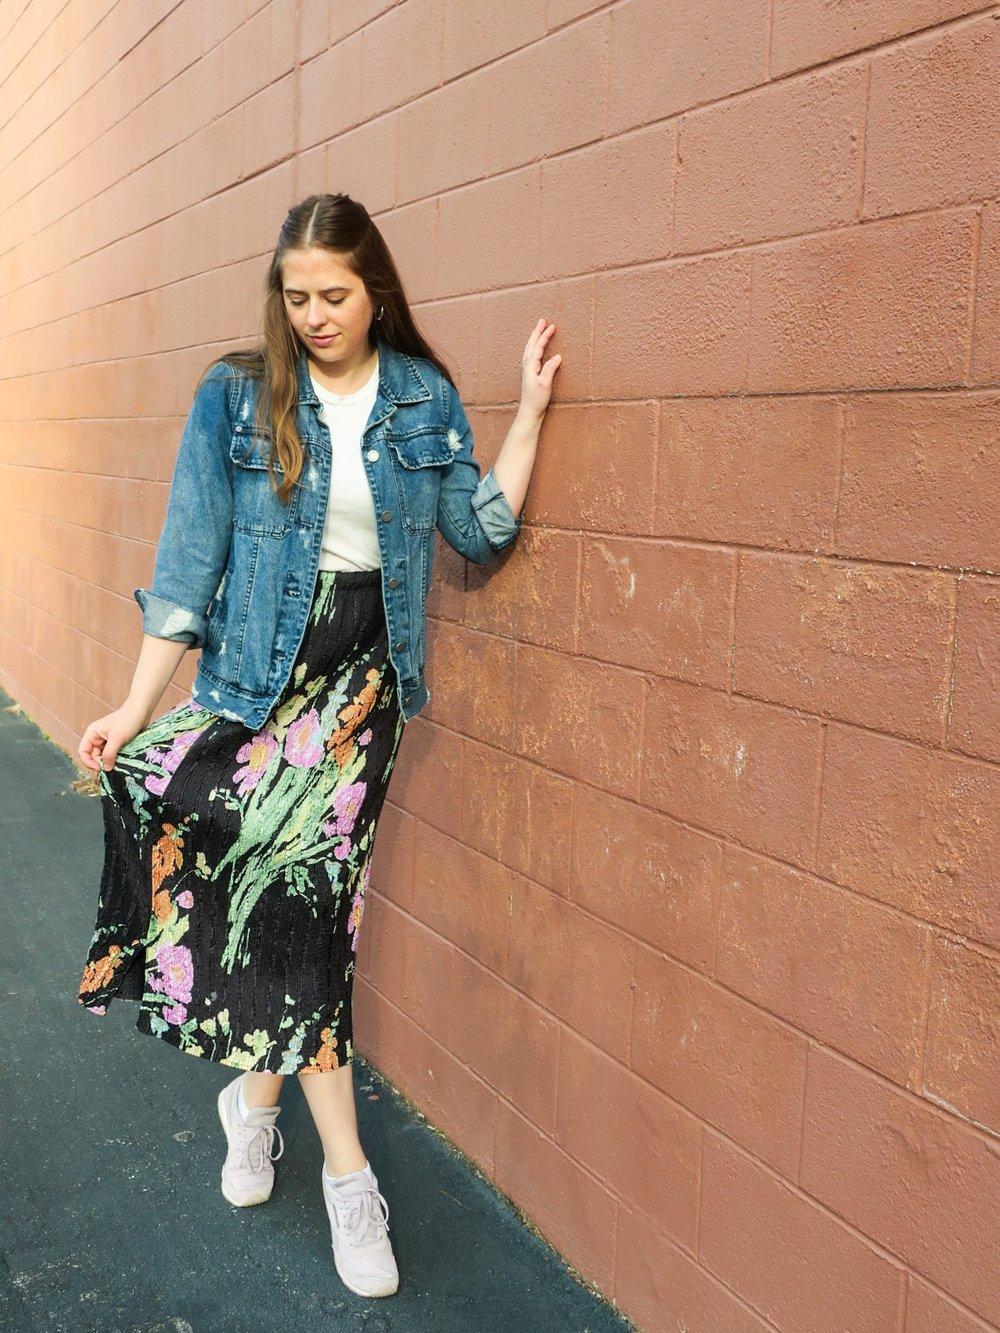 kirby wolf thrift store fashion.JPEG